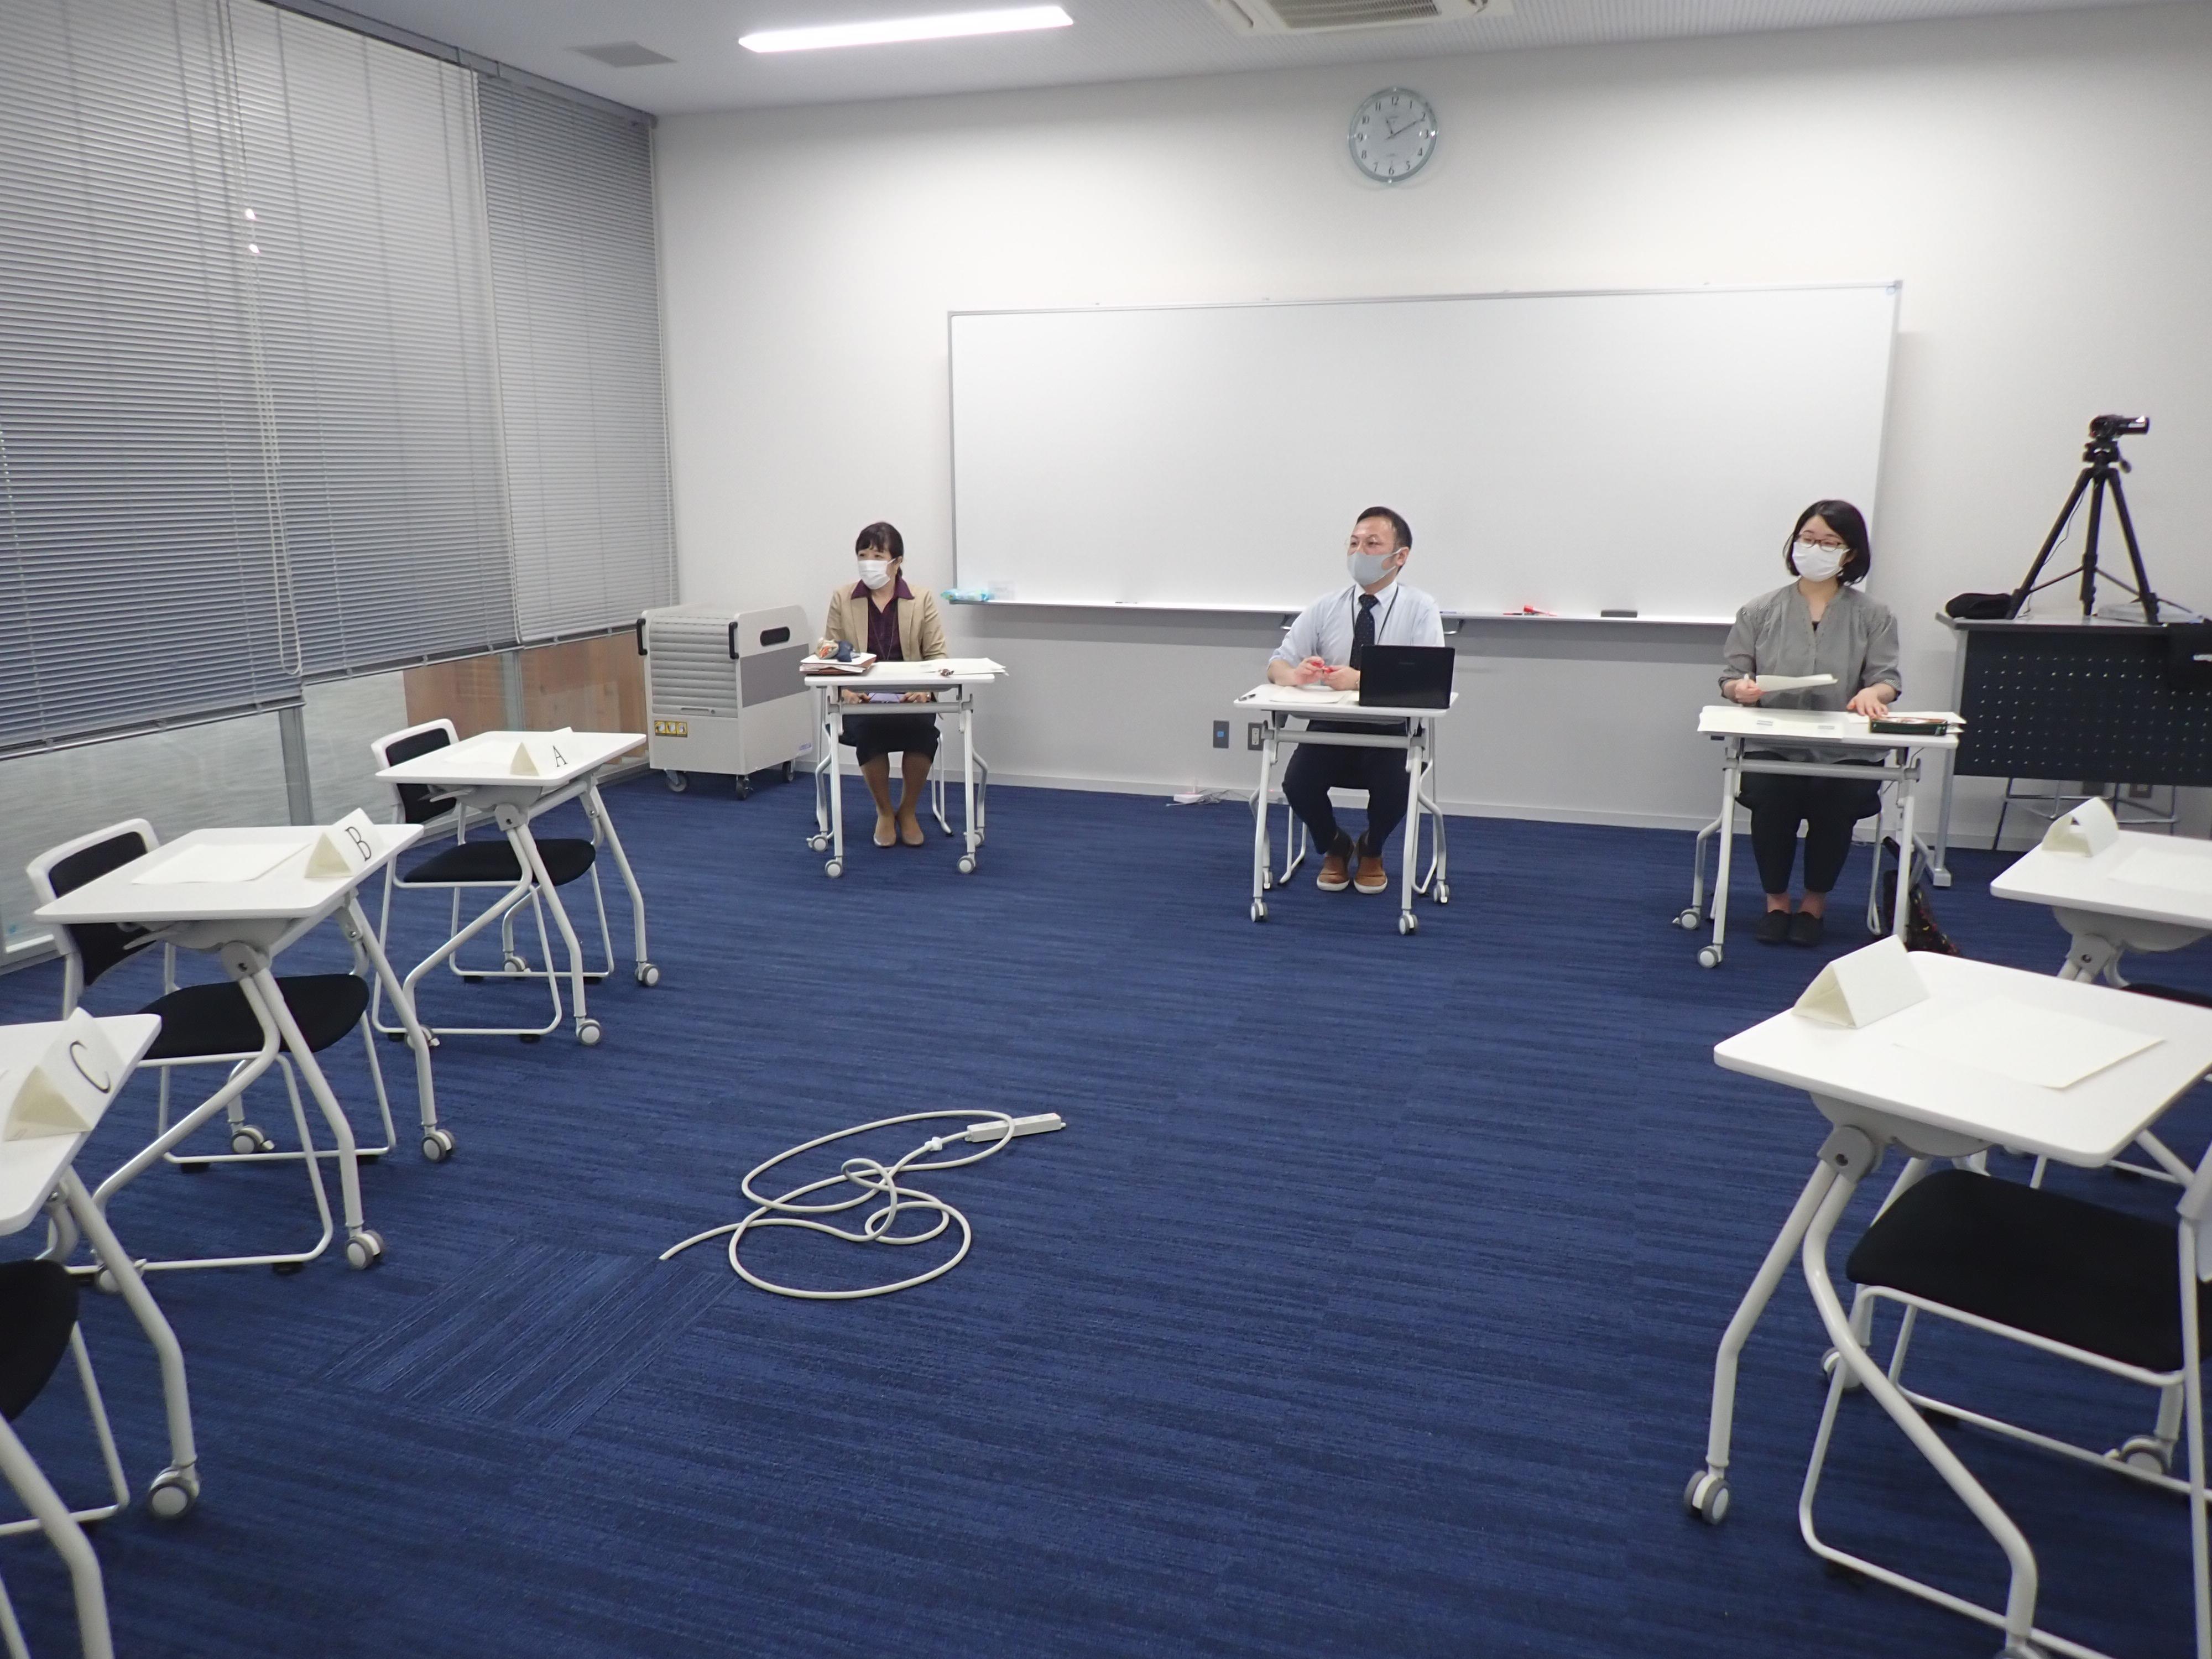 面接官3人が着席し、学生の入室練習を待つ写真